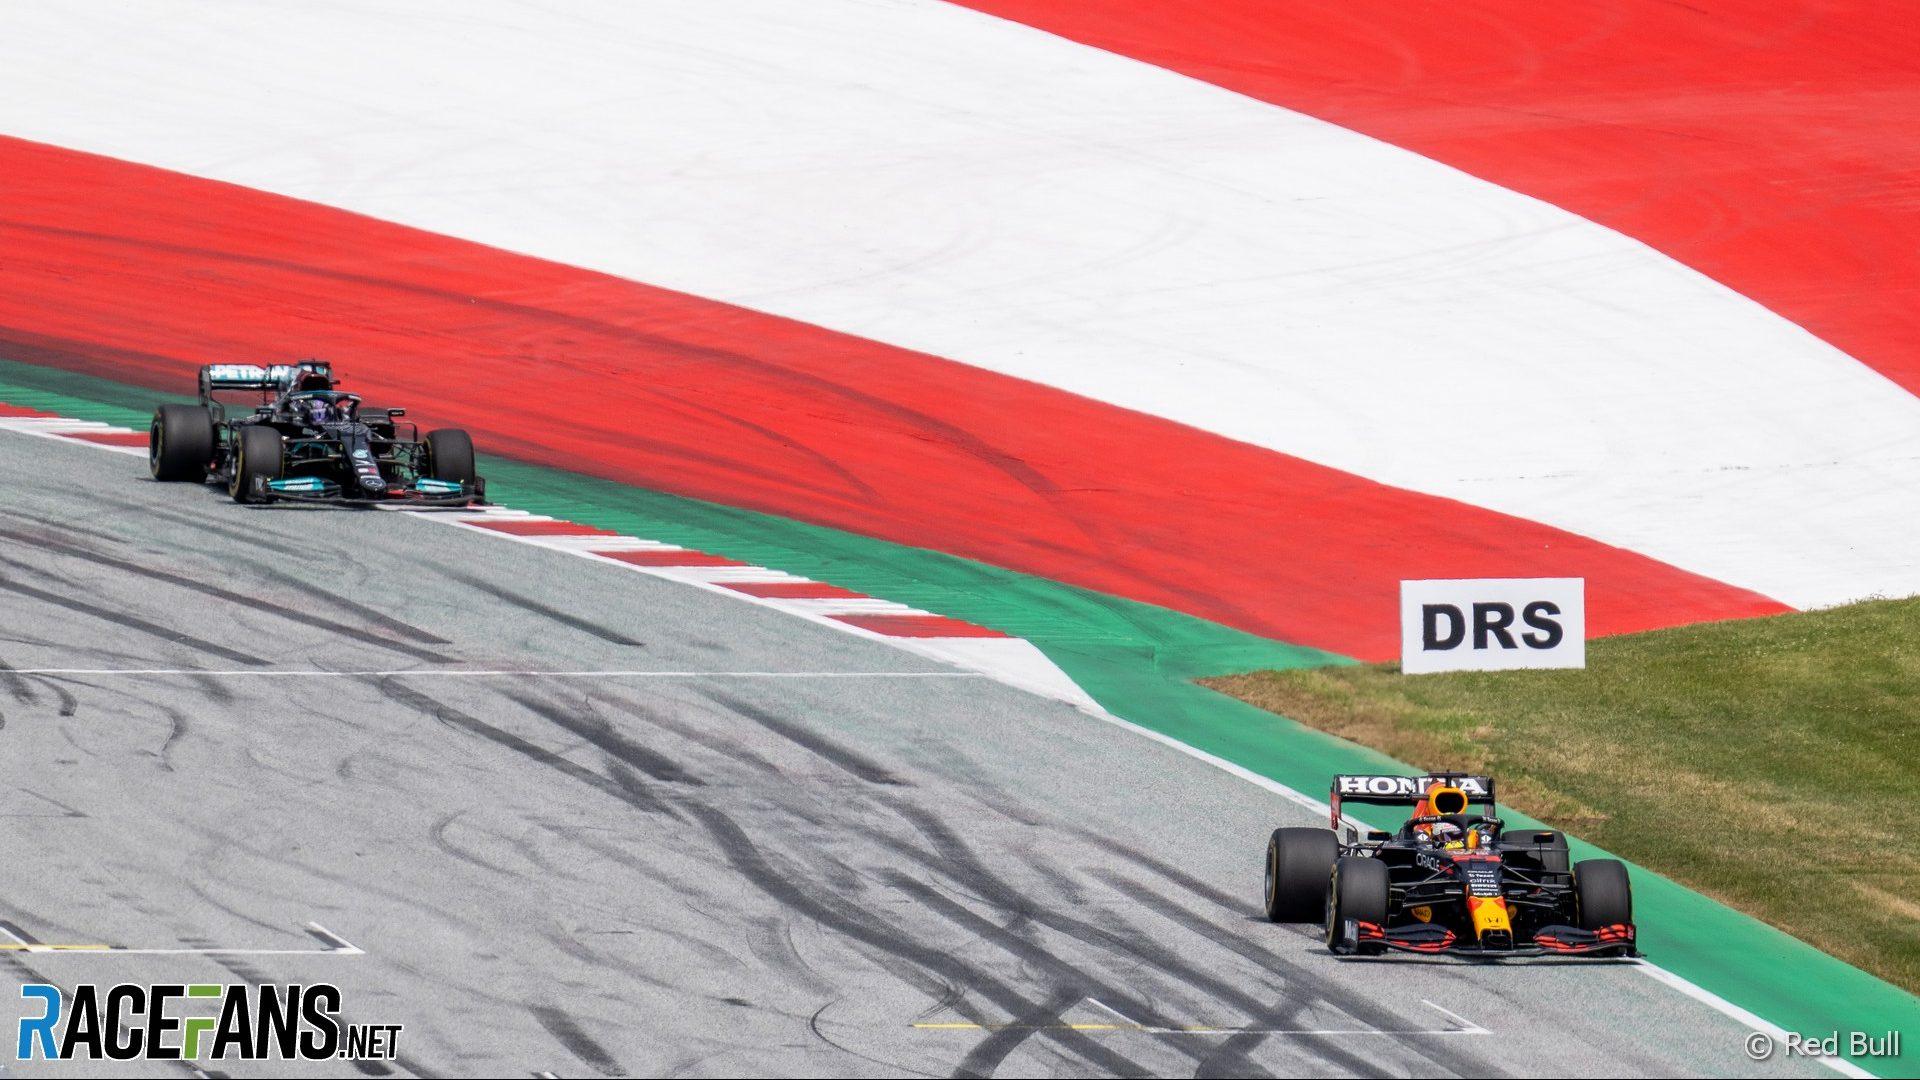 Max Verstappen, Lewis Hamilton, Red Bull Ring, 2021